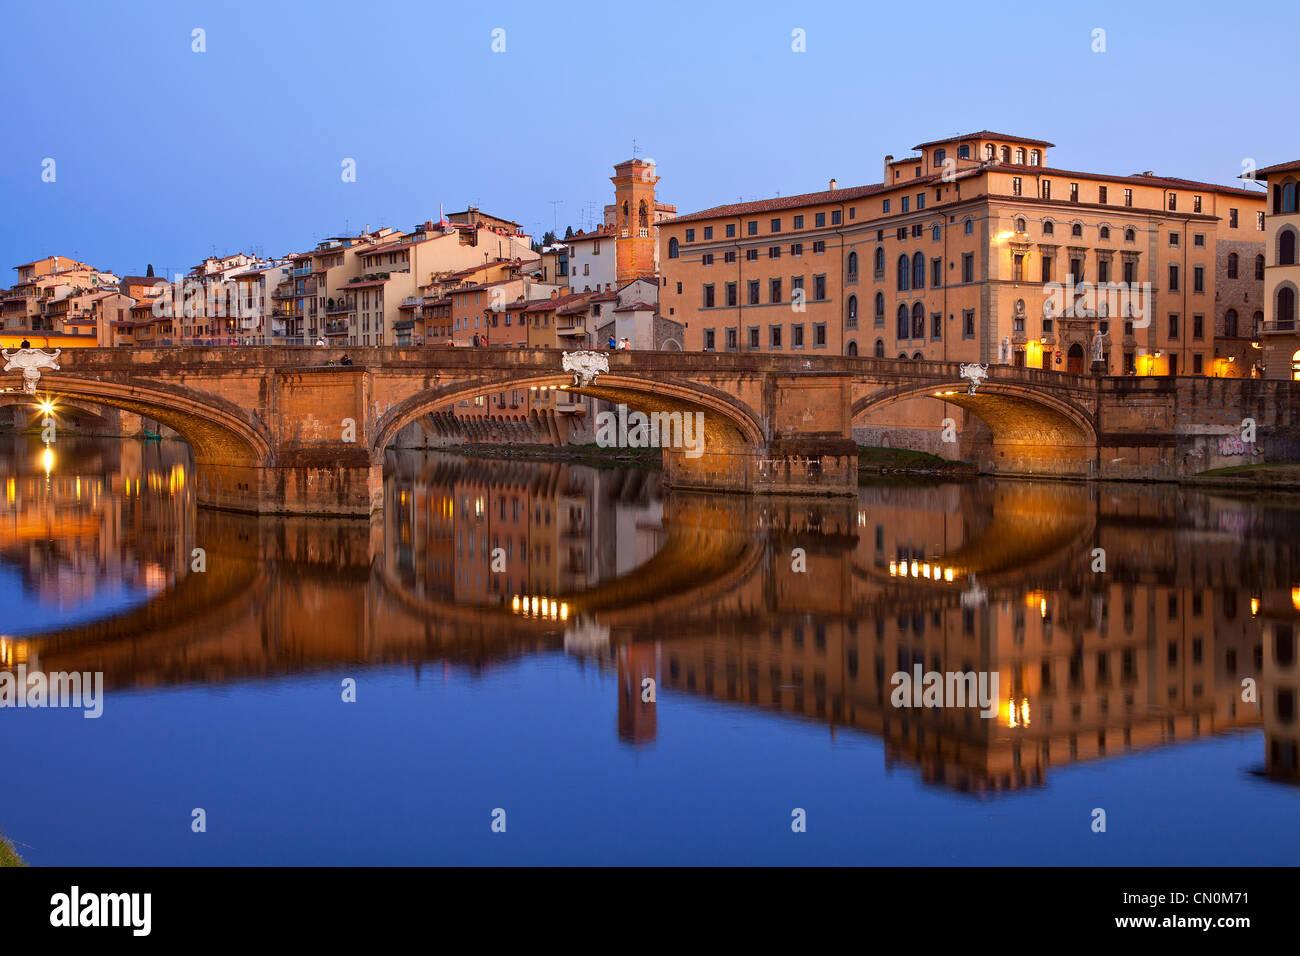 Europa, Italien, Florenz, der Fluss Arno und Flussufer in der Abenddämmerung Stockbild